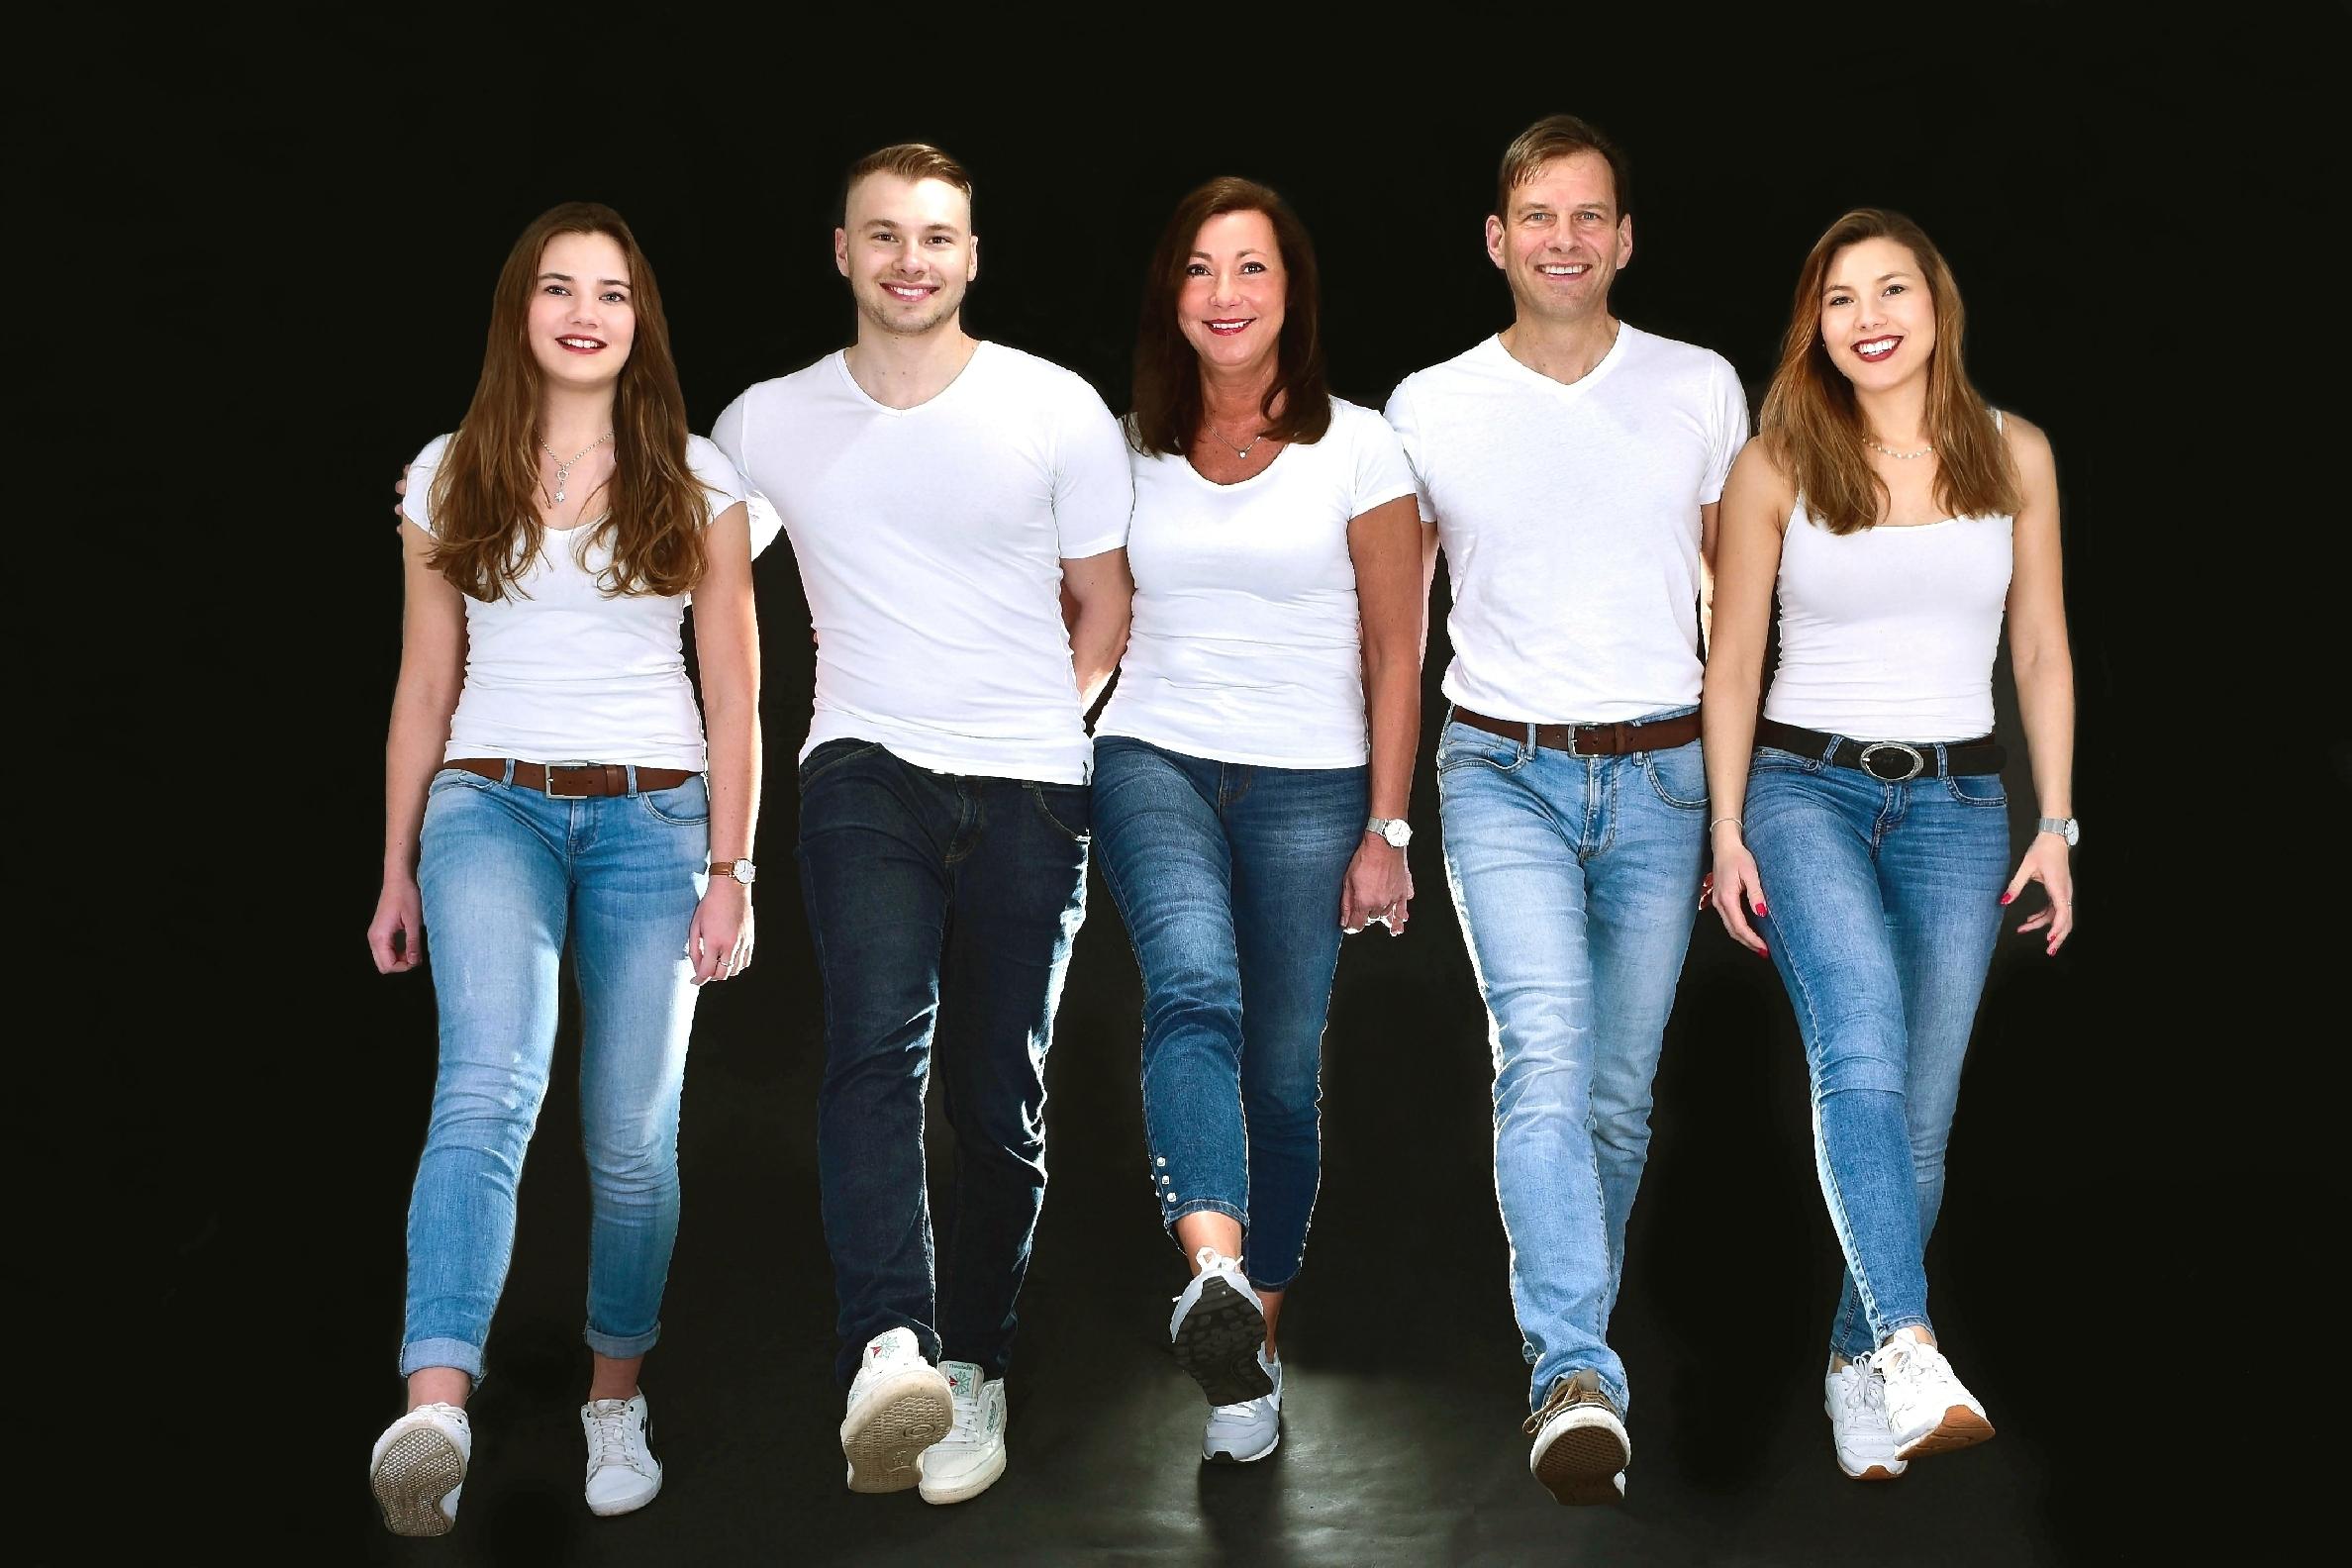 Familienfoto einer großen Familie vor weißem Hintergrund.